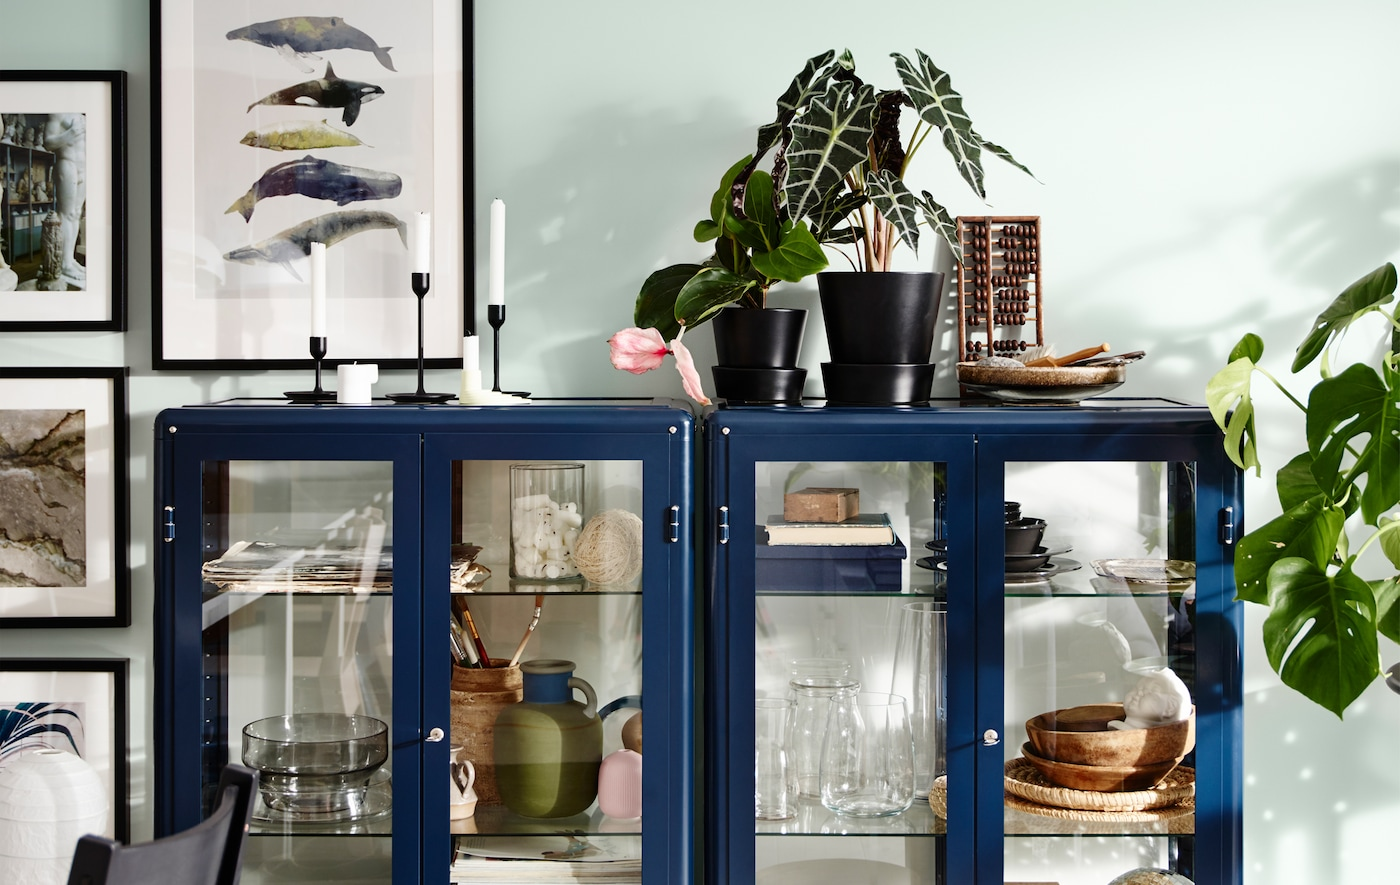 Le mélange de rangements ouverts et fermés contribue à créer une impression d'équilibre dans le séjour. Disposez dans une vitrine les objets que vous voulez montrer et protéger en même temps. IKEA a un vaste choix de vitrines de ce style, comme la vitrine FABRIKÖR, en bleu.